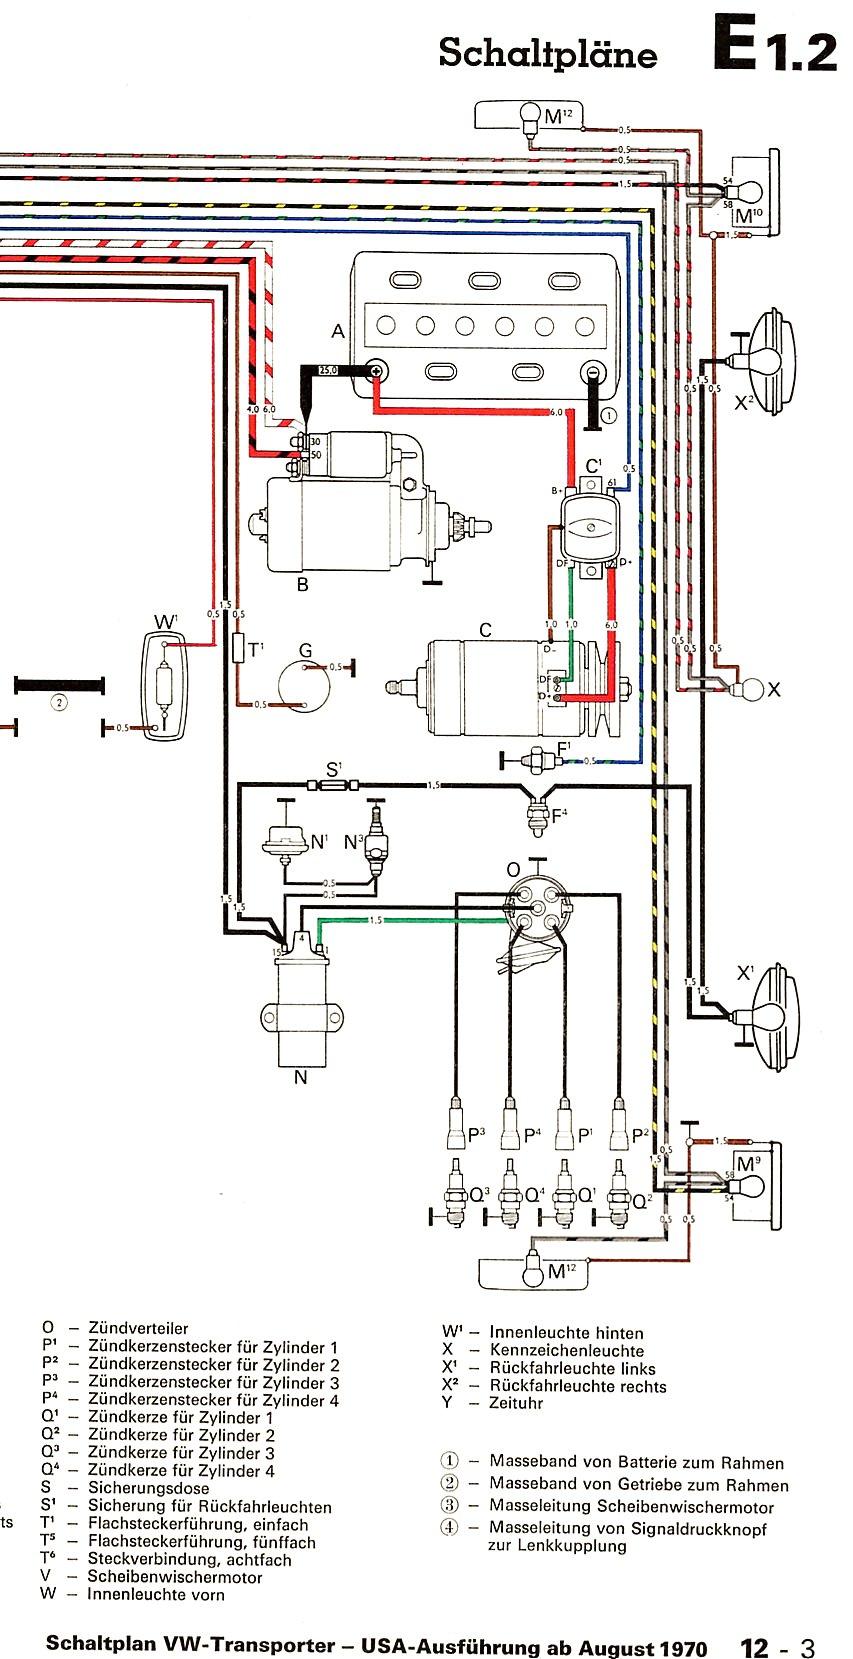 Ziemlich Zentralluft Schaltplan Bilder - Der Schaltplan - triangre.info